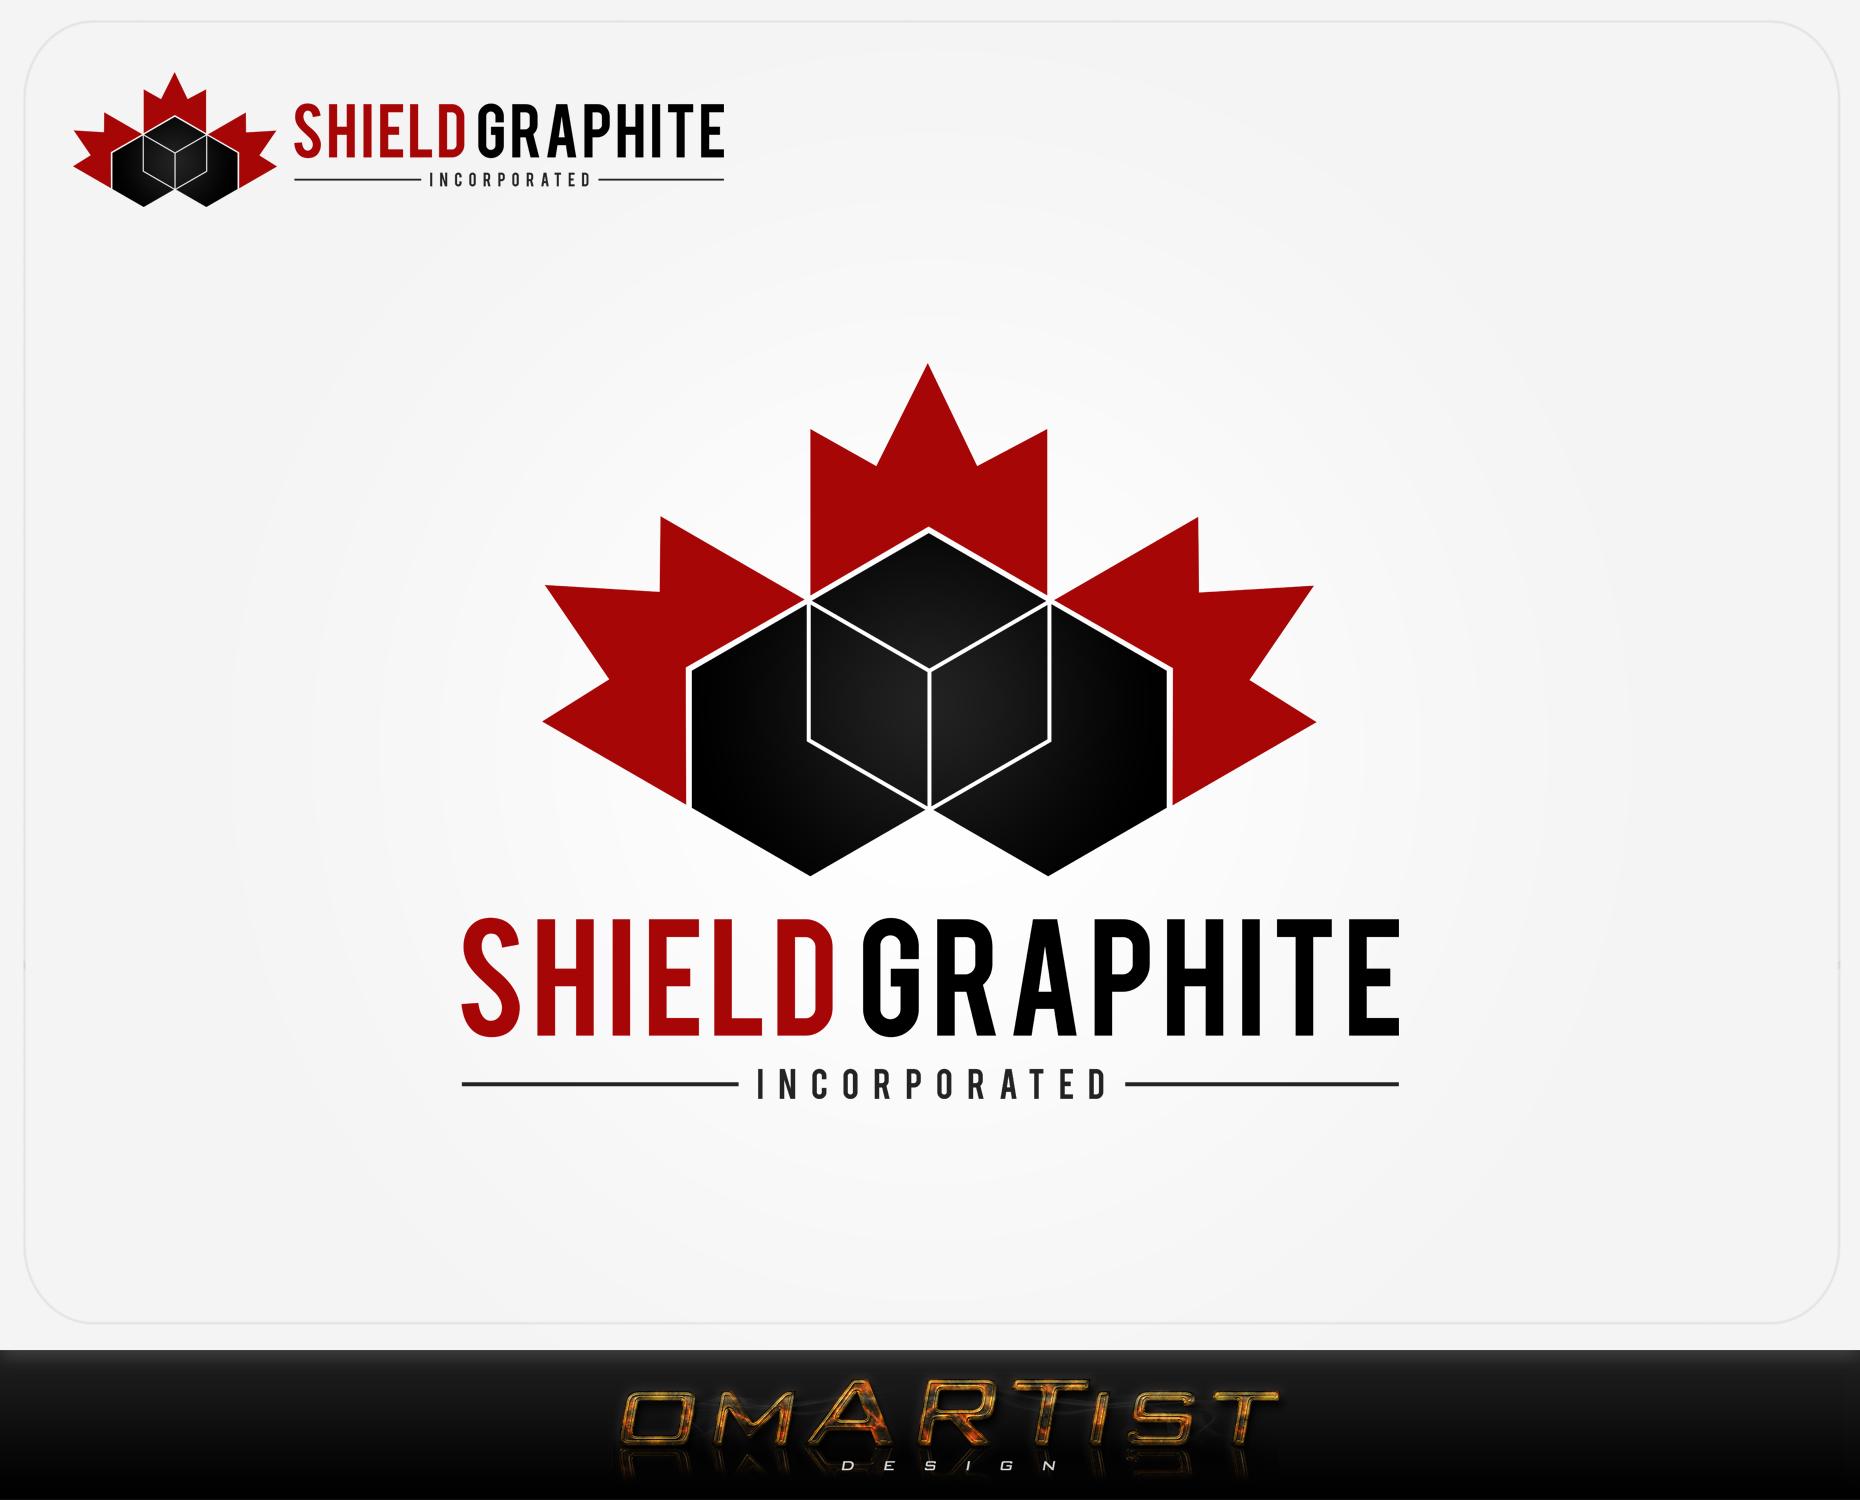 Logo Design by omARTist - Entry No. 153 in the Logo Design Contest Imaginative Logo Design for Shield Graphite Inc..